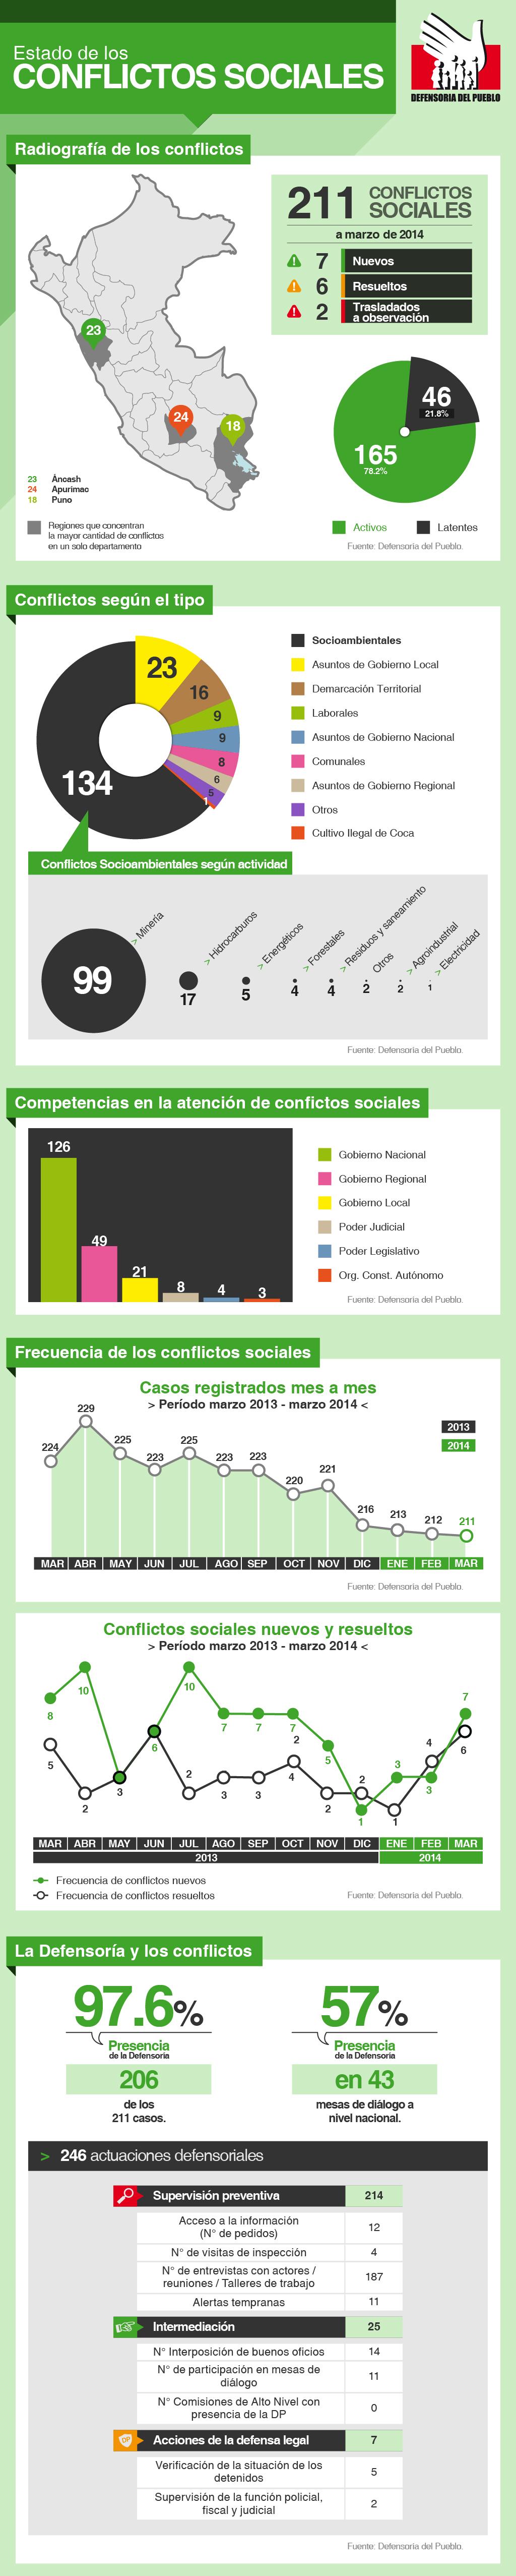 infografia-reporte-121